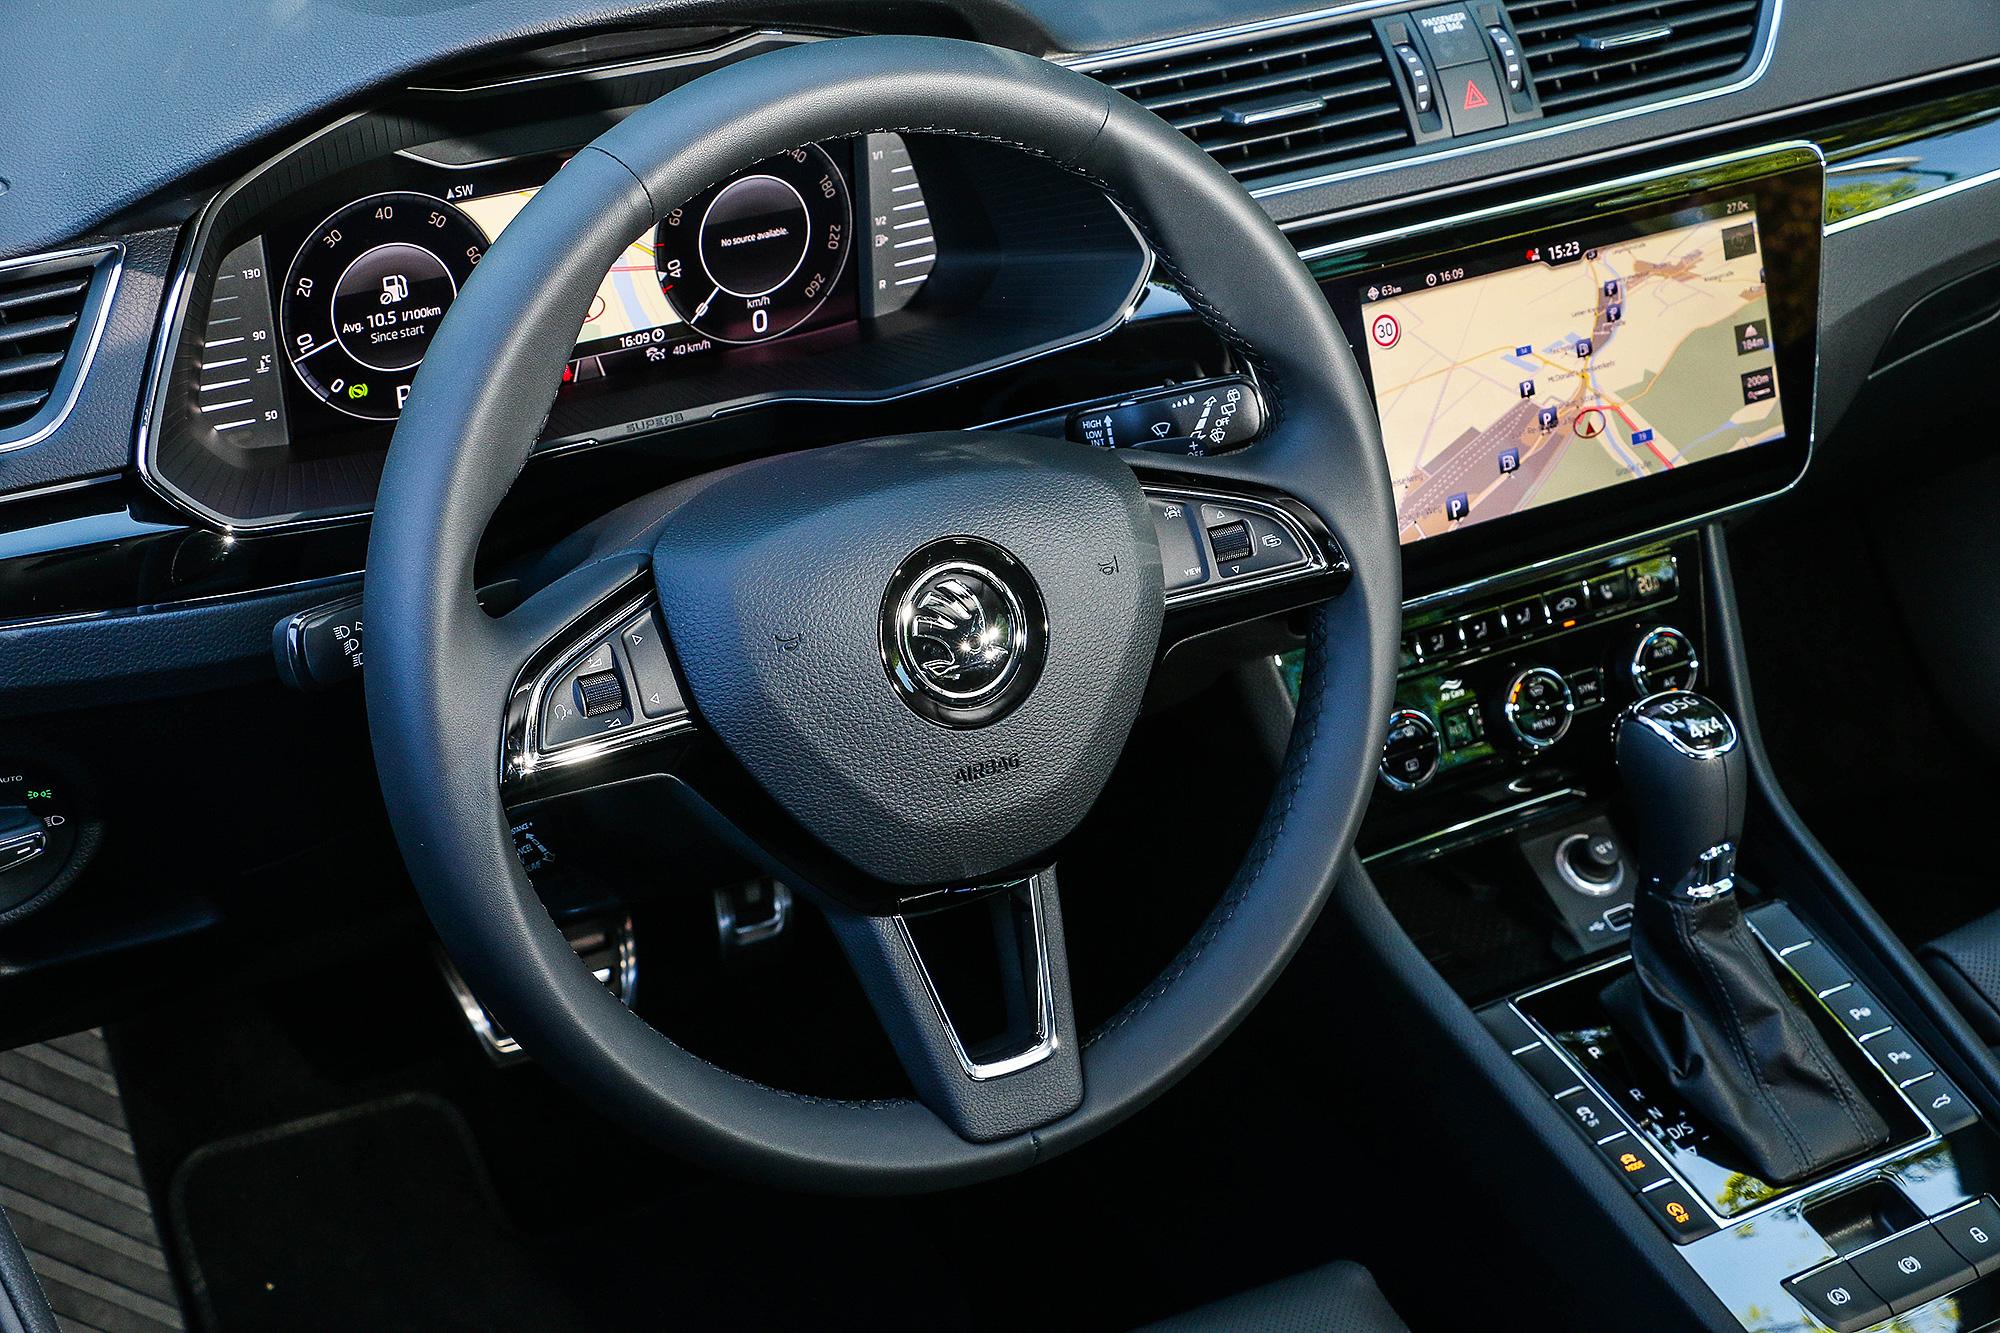 偵測駕駛掌握方向盤的機制較不靈敏,若只是輕握,常會被系統判斷並未掌握方向盤。